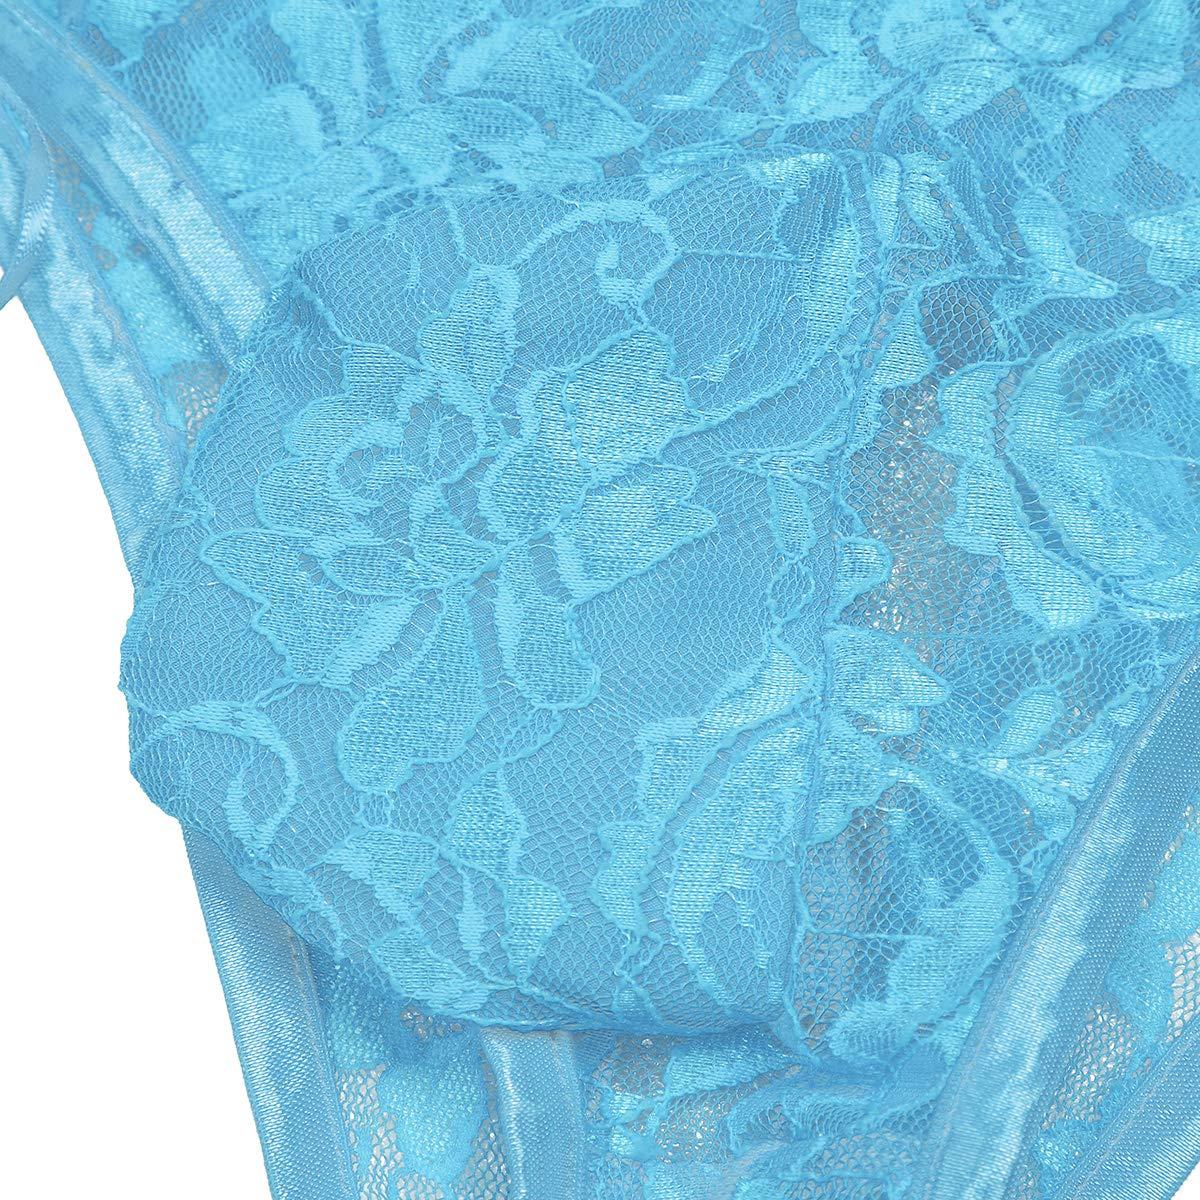 iixpin Herren Spitze Floral String M/änner Bikinislips Dessous-Unterw/äsche Sissy Unterhose Slips M/änner Boxershorts Erotik Tanga Underwear